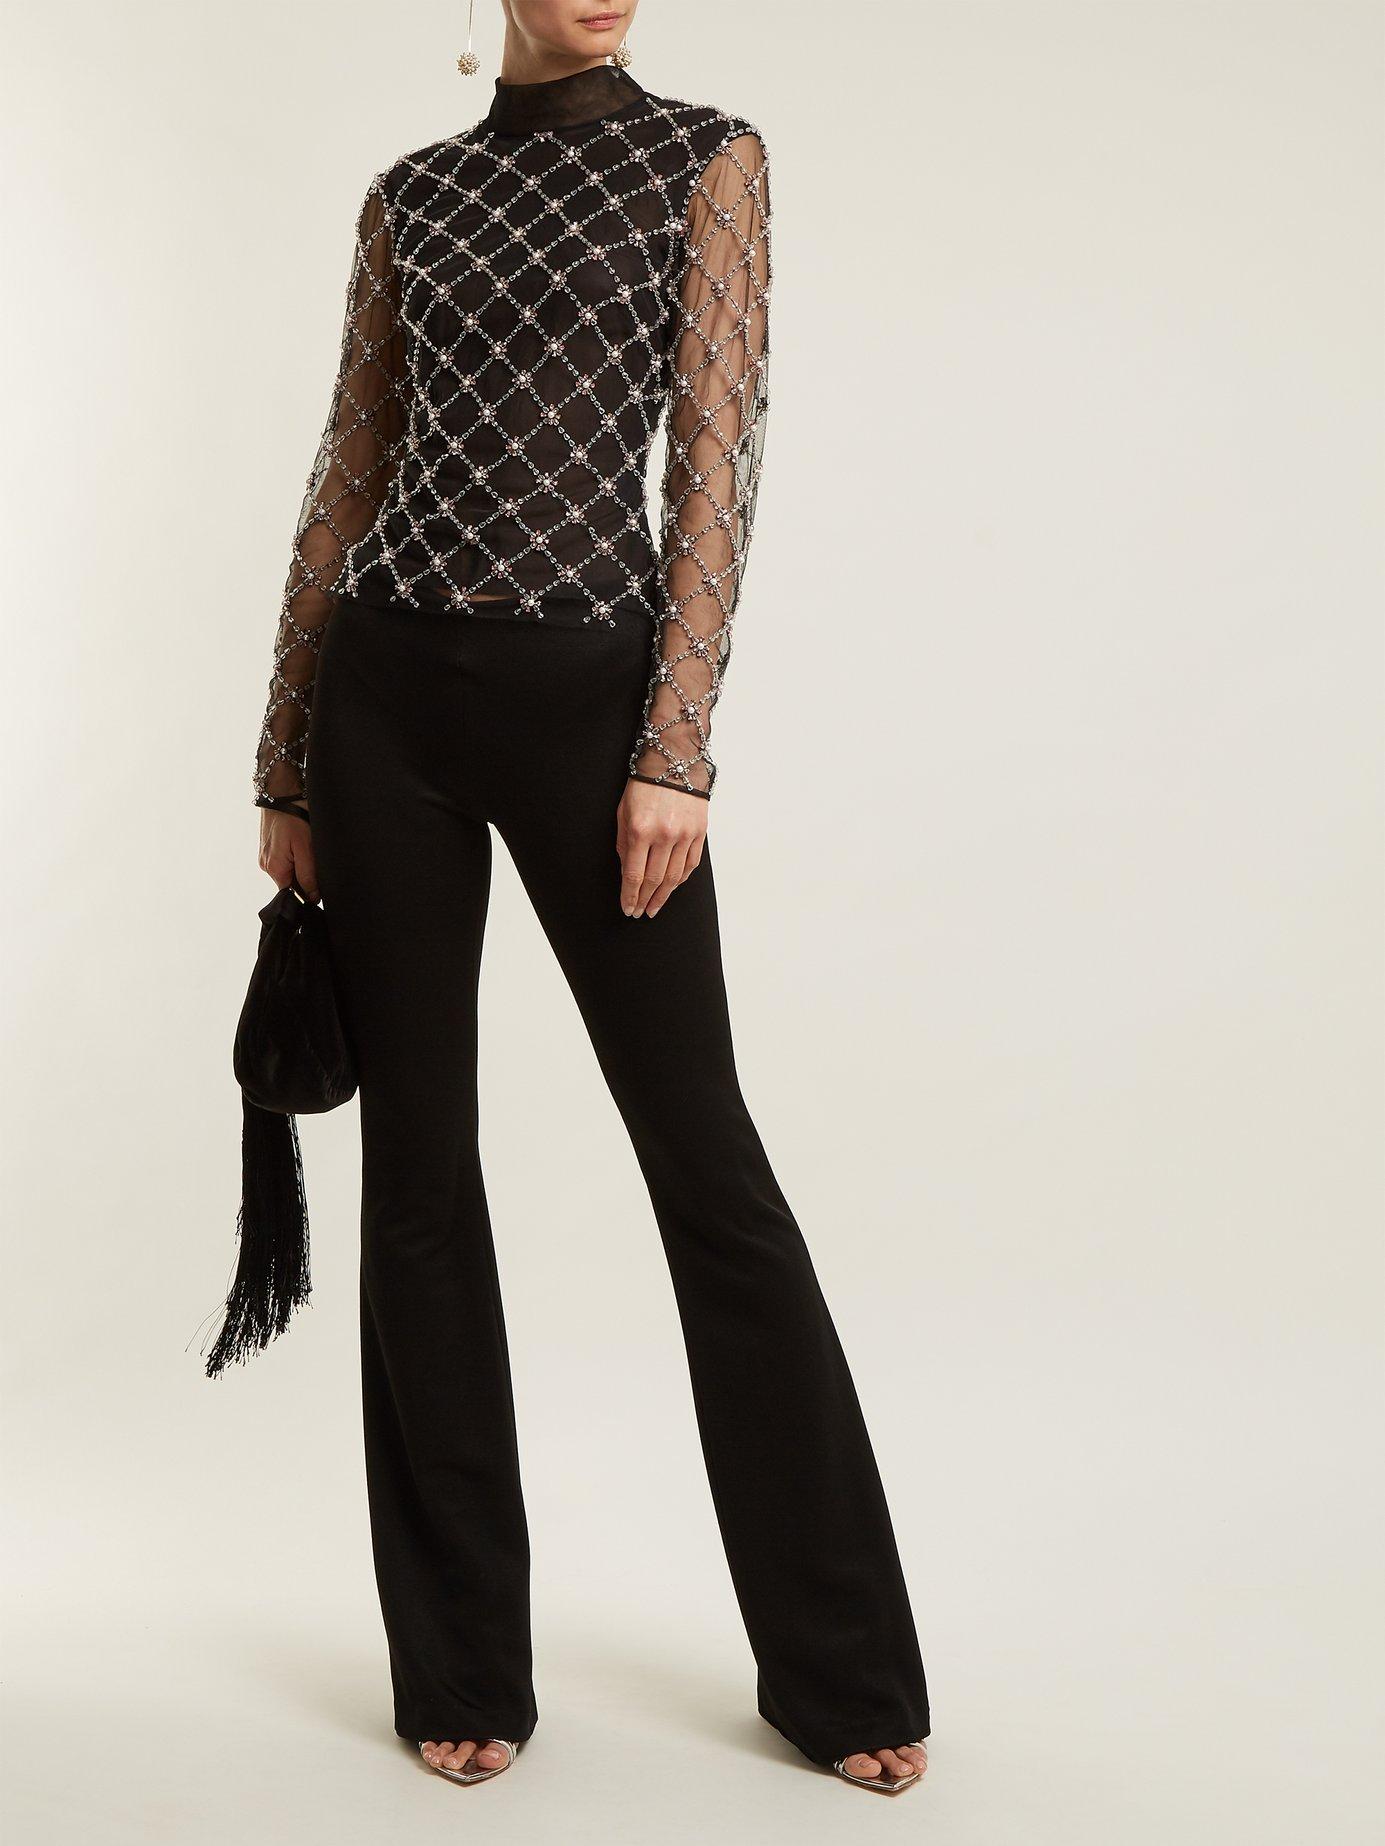 Verena embellished high-neck tulle top by Osman